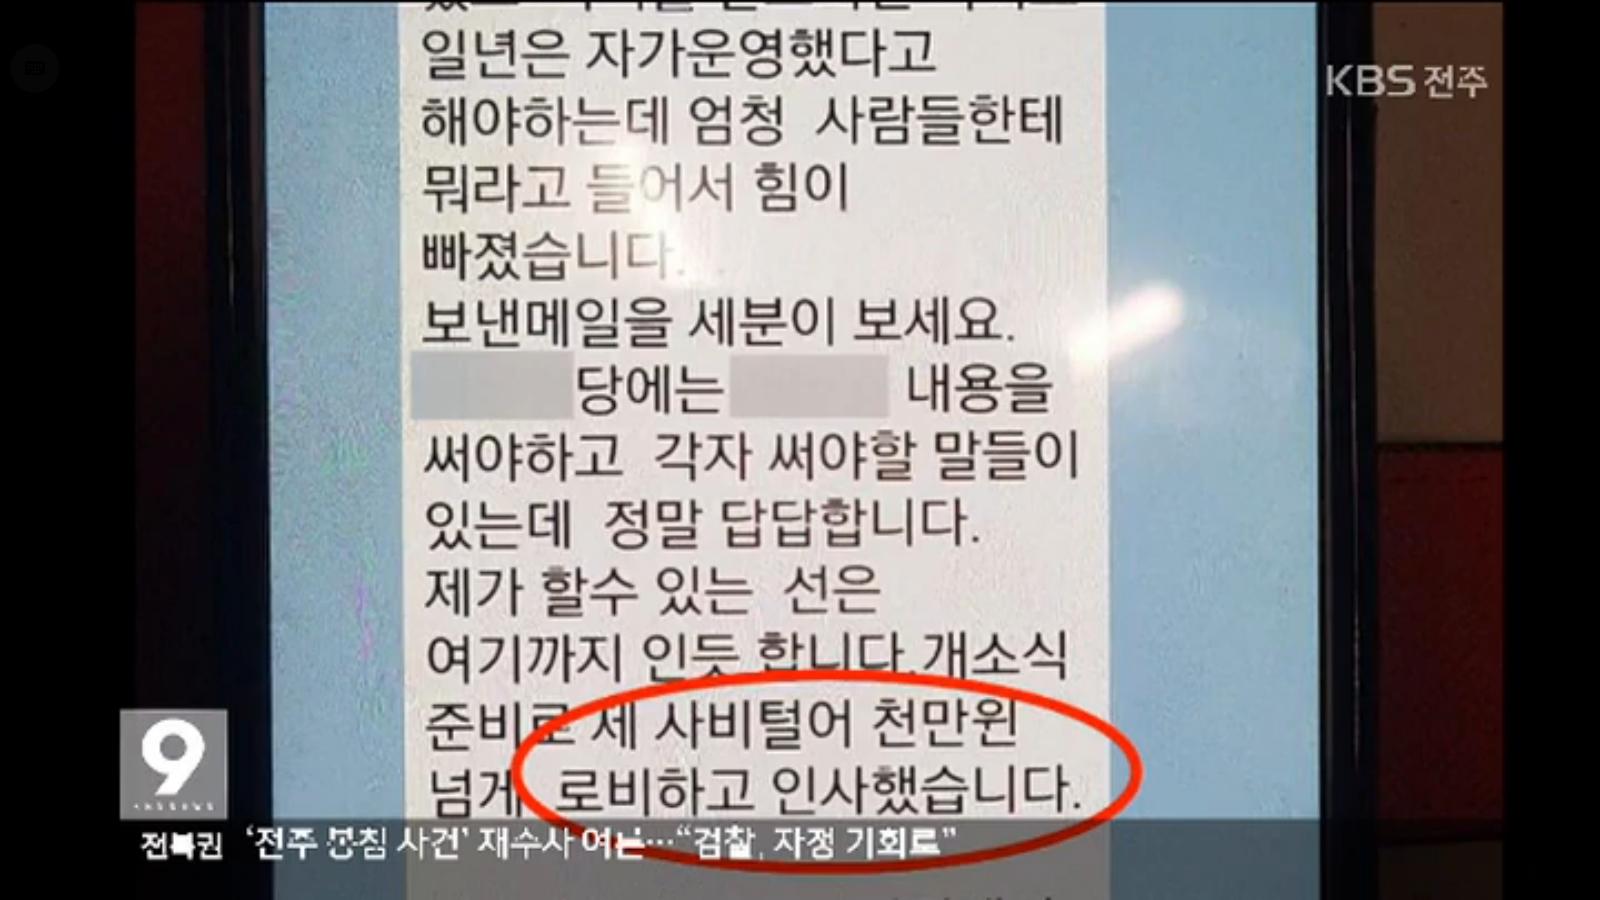 [18.3.30 KBS전주] 전주봉침게이트 재수사여론 빗발... 검찰, 자정 시급3.jpg